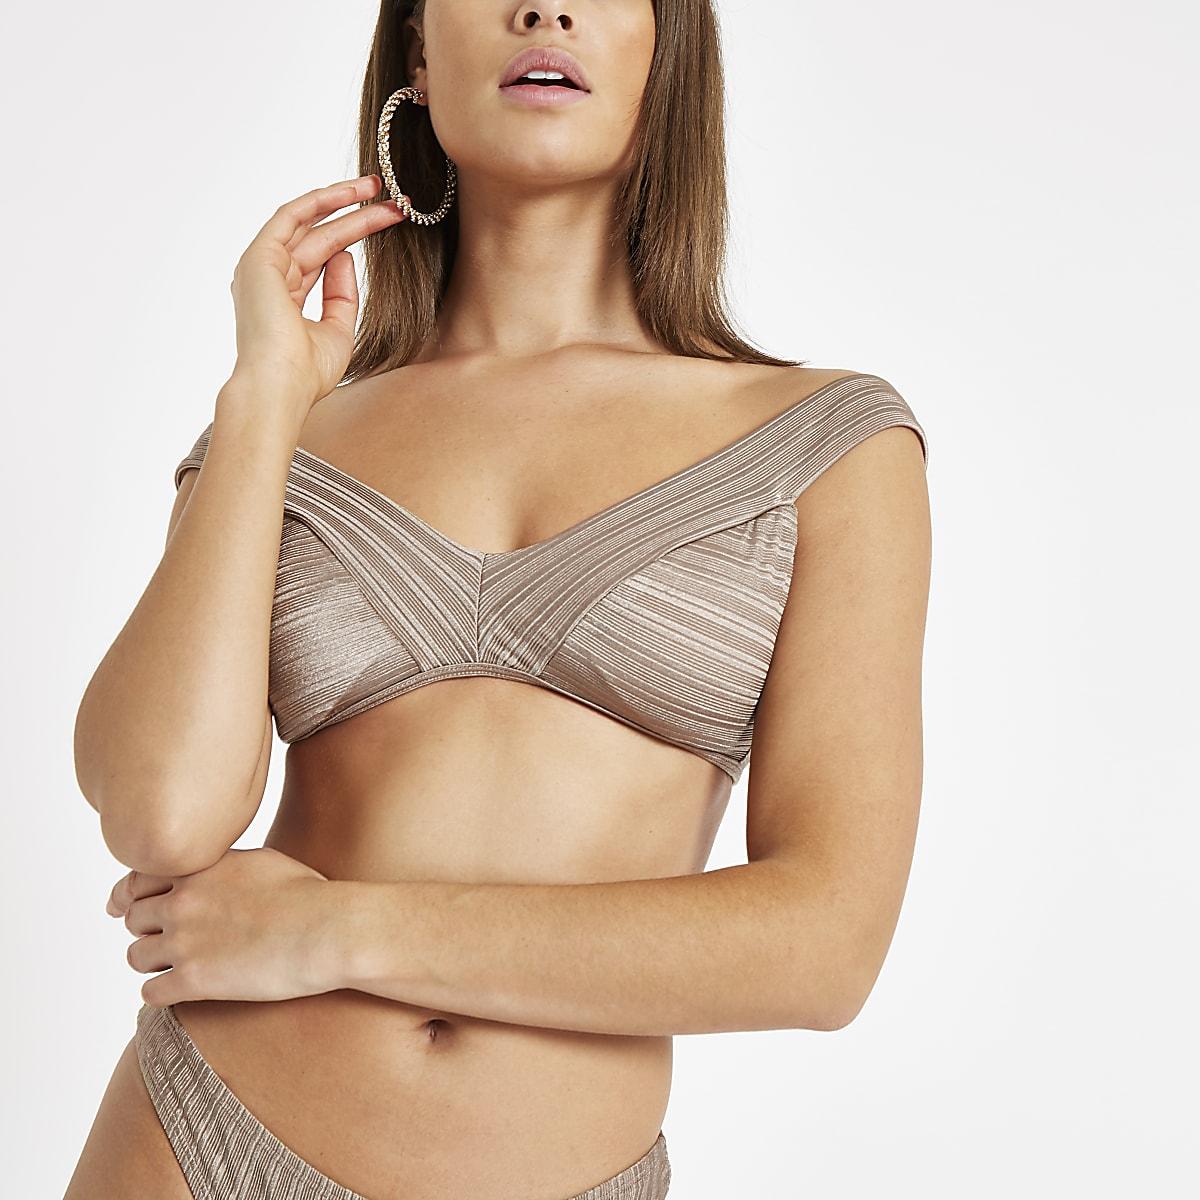 Kaki bikinitop met textuur en blote schouders